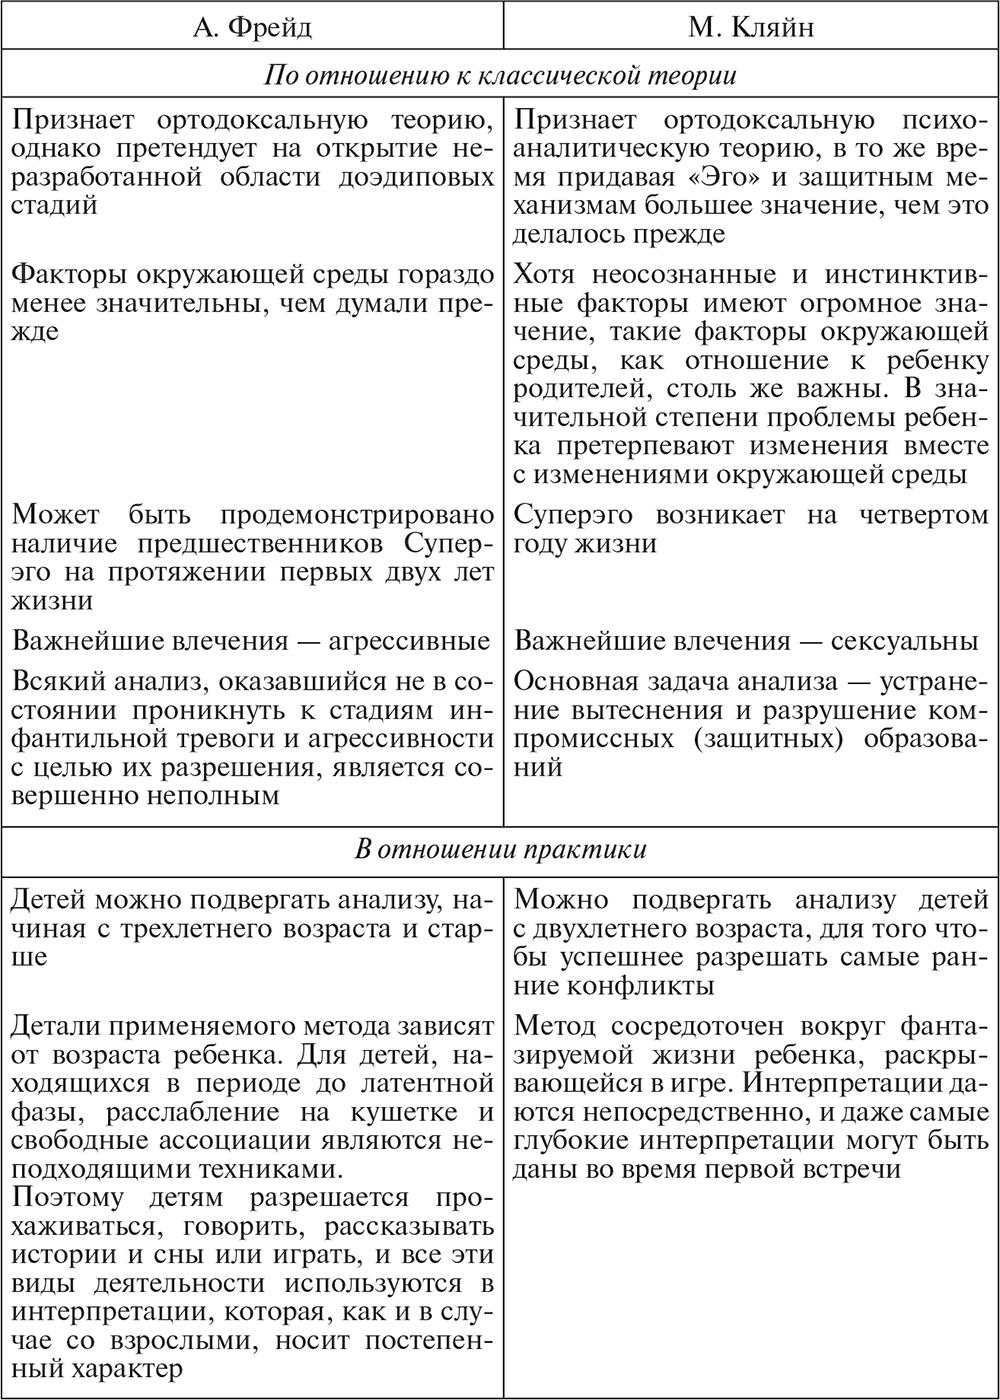 zadachi-konflikti-analnoy-stadii